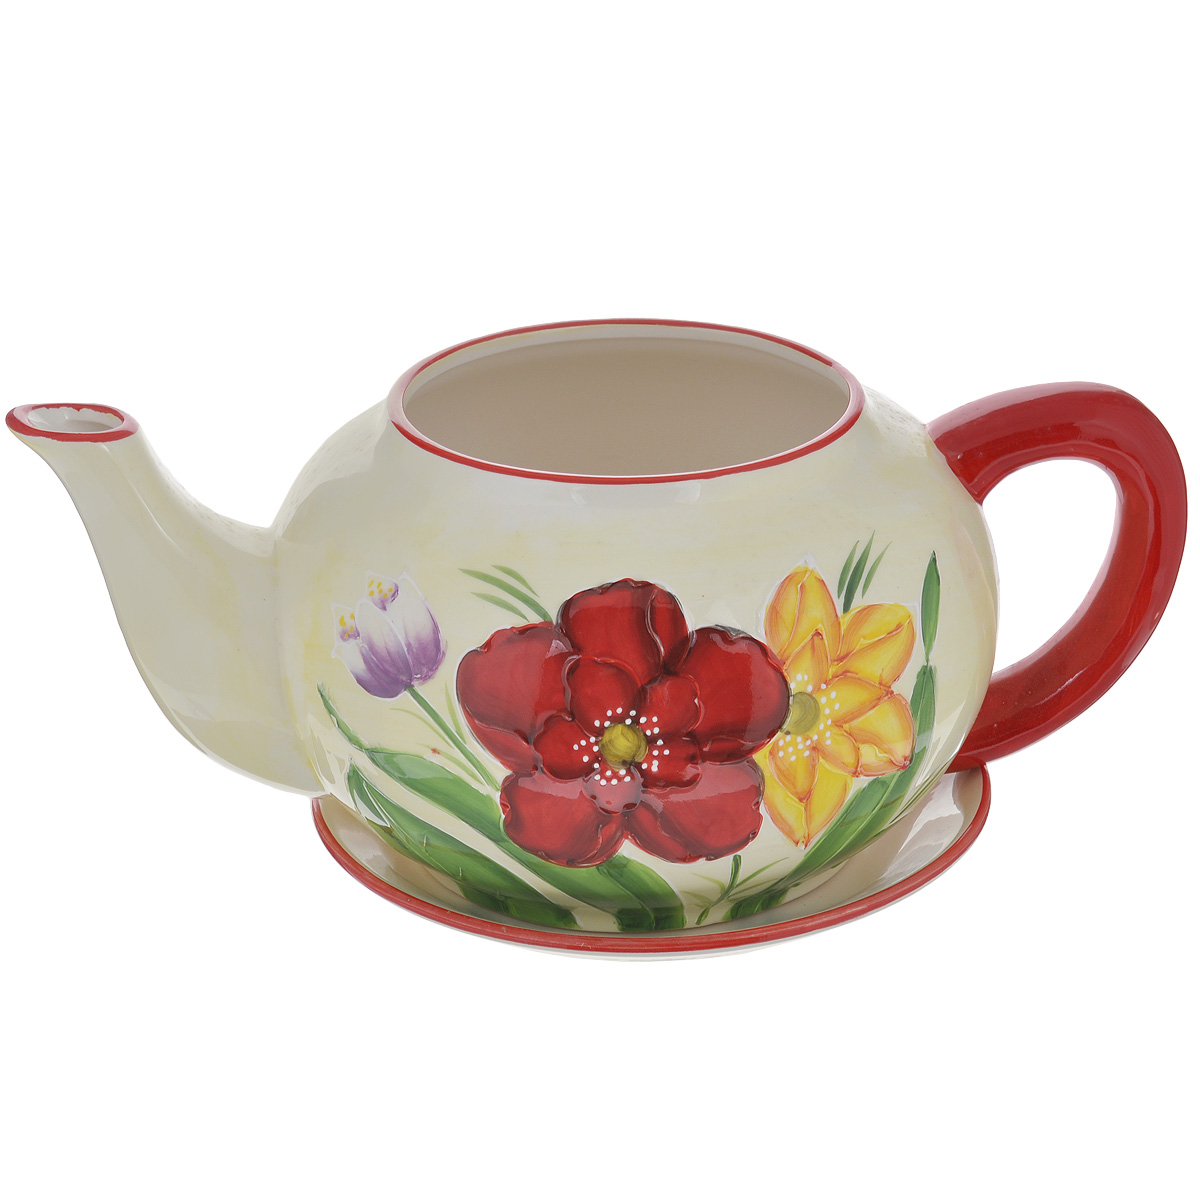 Кашпо Lillo Цветы, с поддономKOC_SOL373Кашпо-горшок для цветов Lillo Цветы выполнен из прочной керамики в виде заварочного чайника с блюдцем. Изделие предназначено для цветов.Такие изделия часто становятся последним штрихом, который совершенно изменяет интерьер помещения или ландшафтный дизайн сада. Благодаря такому кашпо вы сможете украсить вашу комнату, офис, сад и другие места. Изделие оснащено специальным поддоном - блюдцем.Диаметр кашпо по верхнему краю: 14,5 см.Высота кашпо (без учета поддона): 16 см.Диаметр поддона: 23 см.